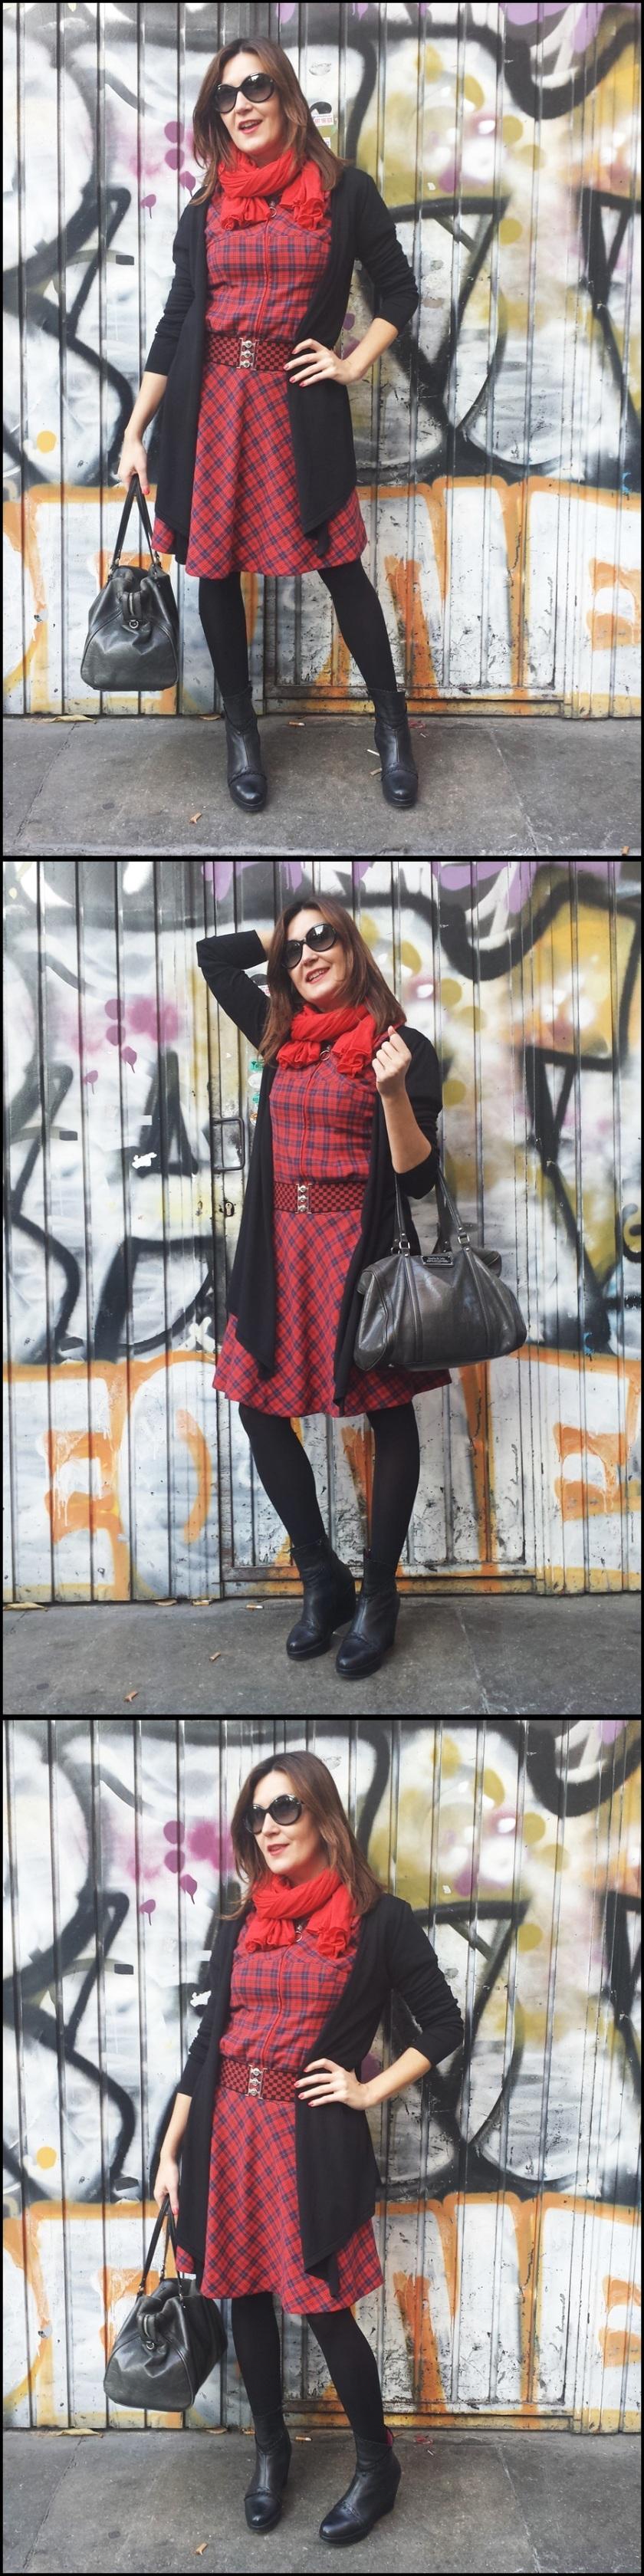 Cuidatuimagen;vestido tartan; lostandfound;bolsobimba&lola,cinturón vintage